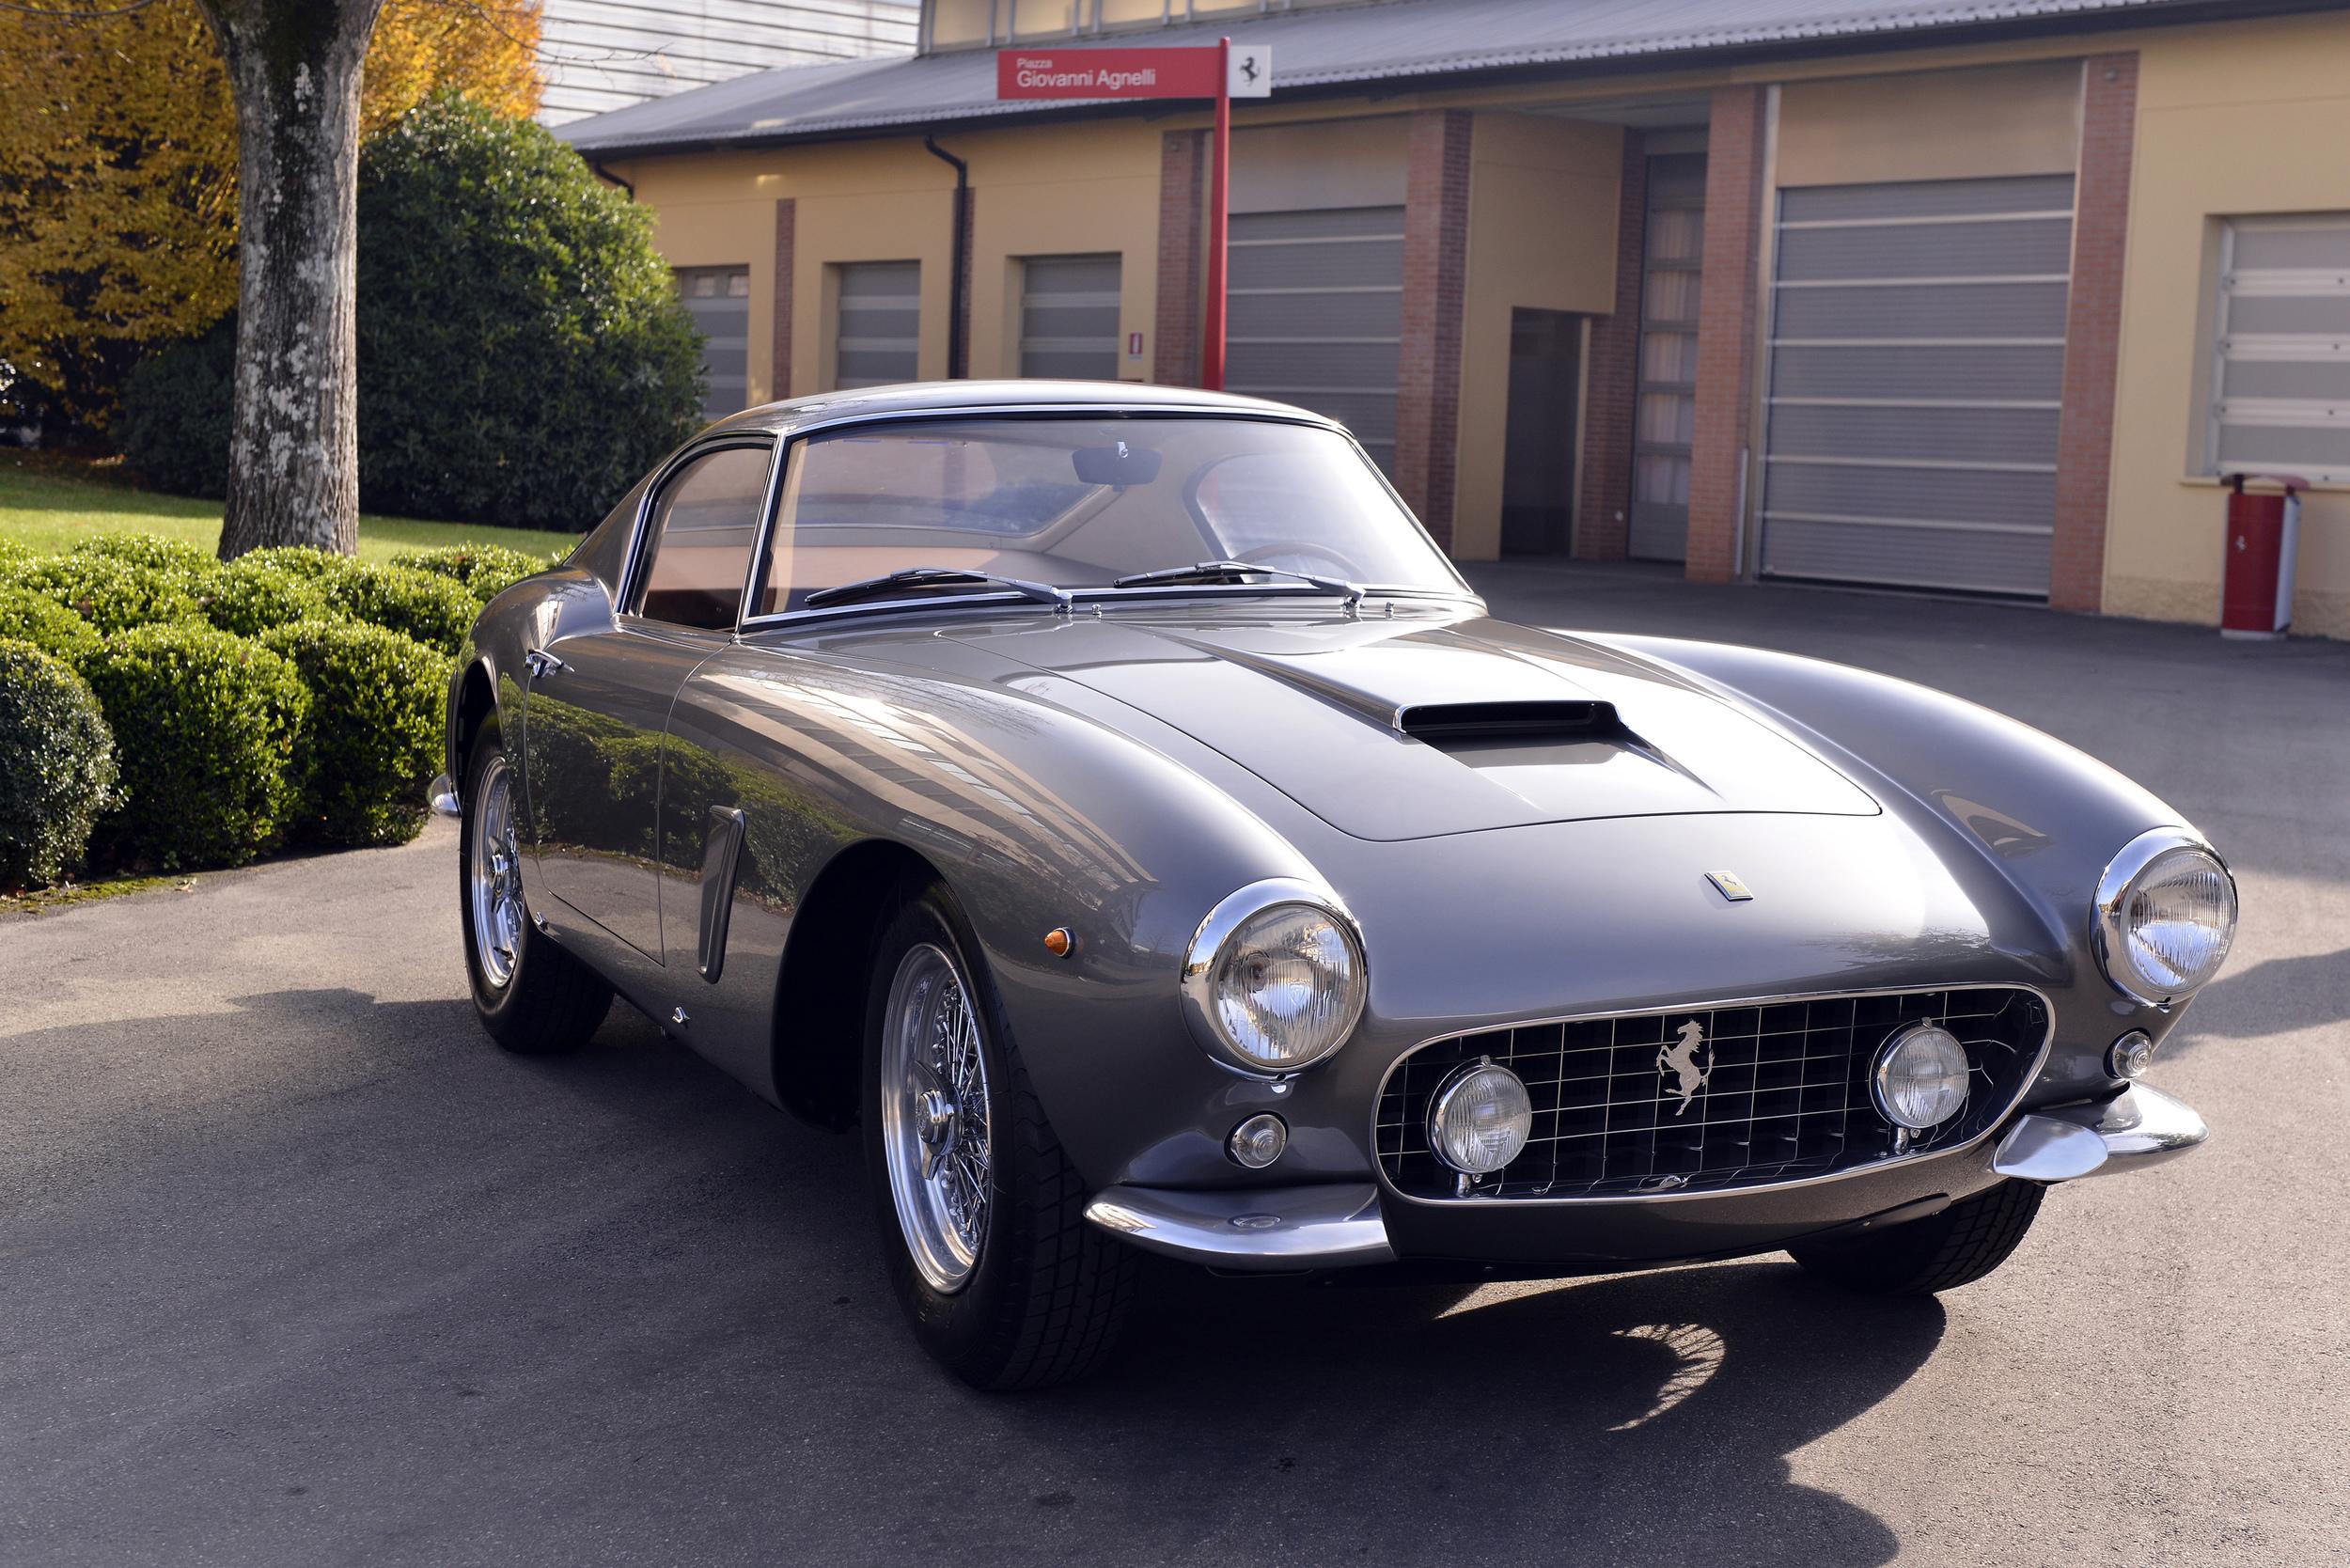 Ferrari 250 GT Resored By Ferrari Classiche 2